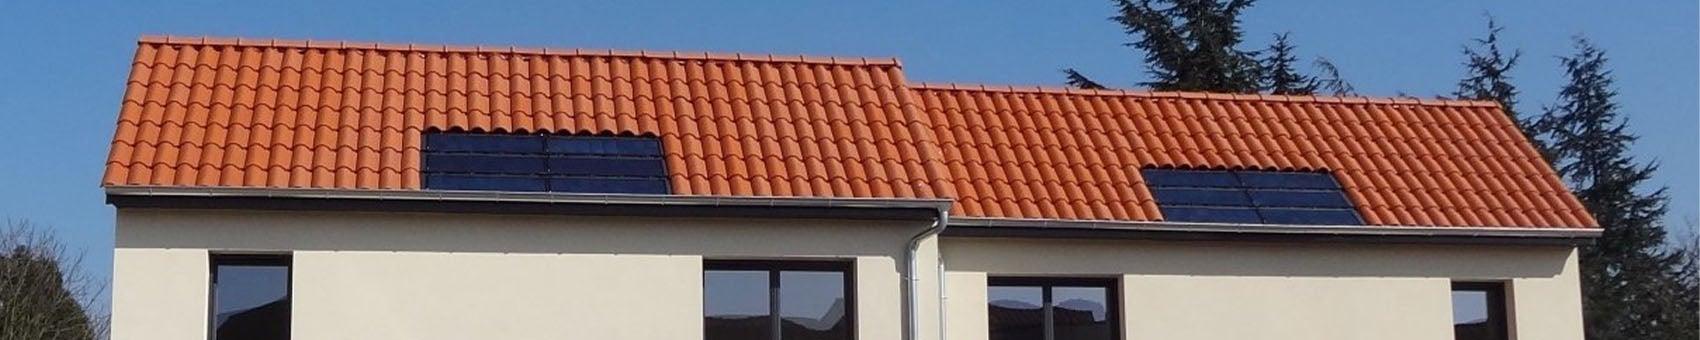 Tuile Solaire Max installées en toiture